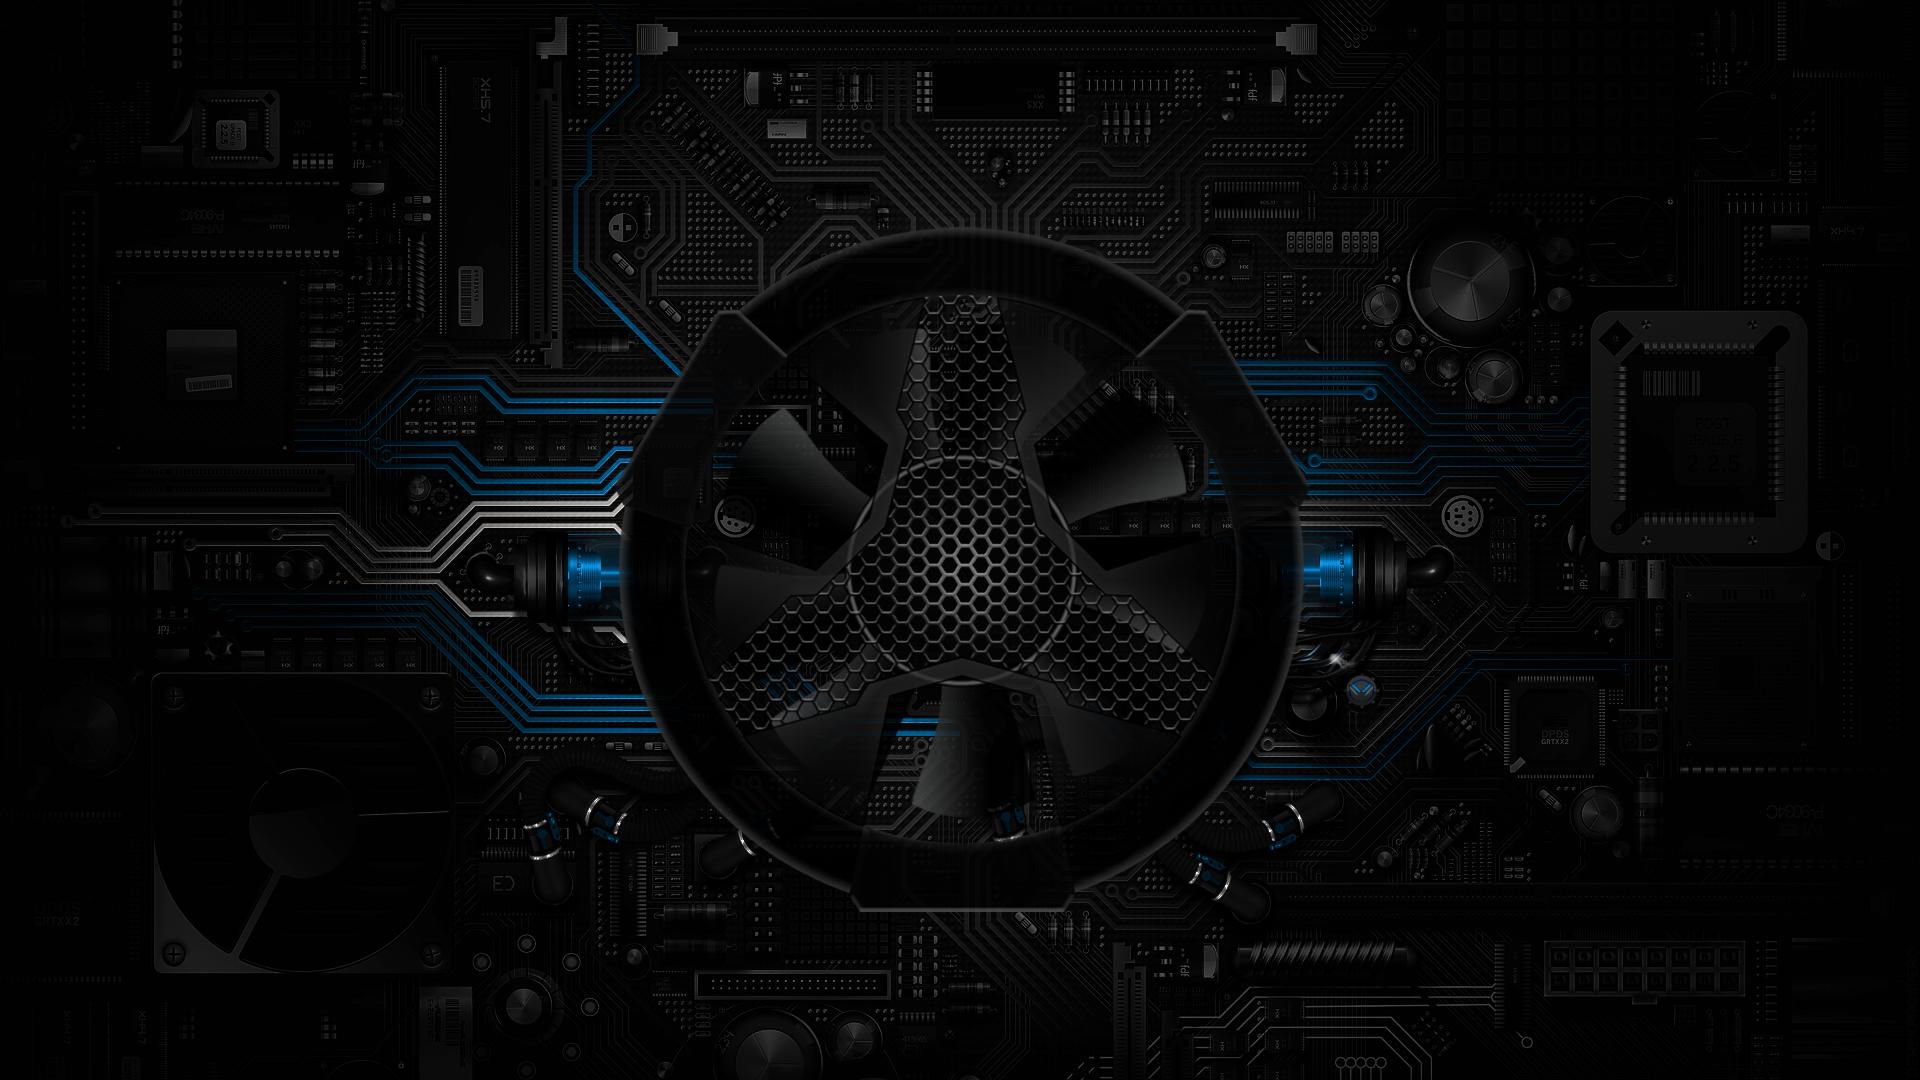 Digital Circuits Fan Blue By Littlejacob On Deviantart